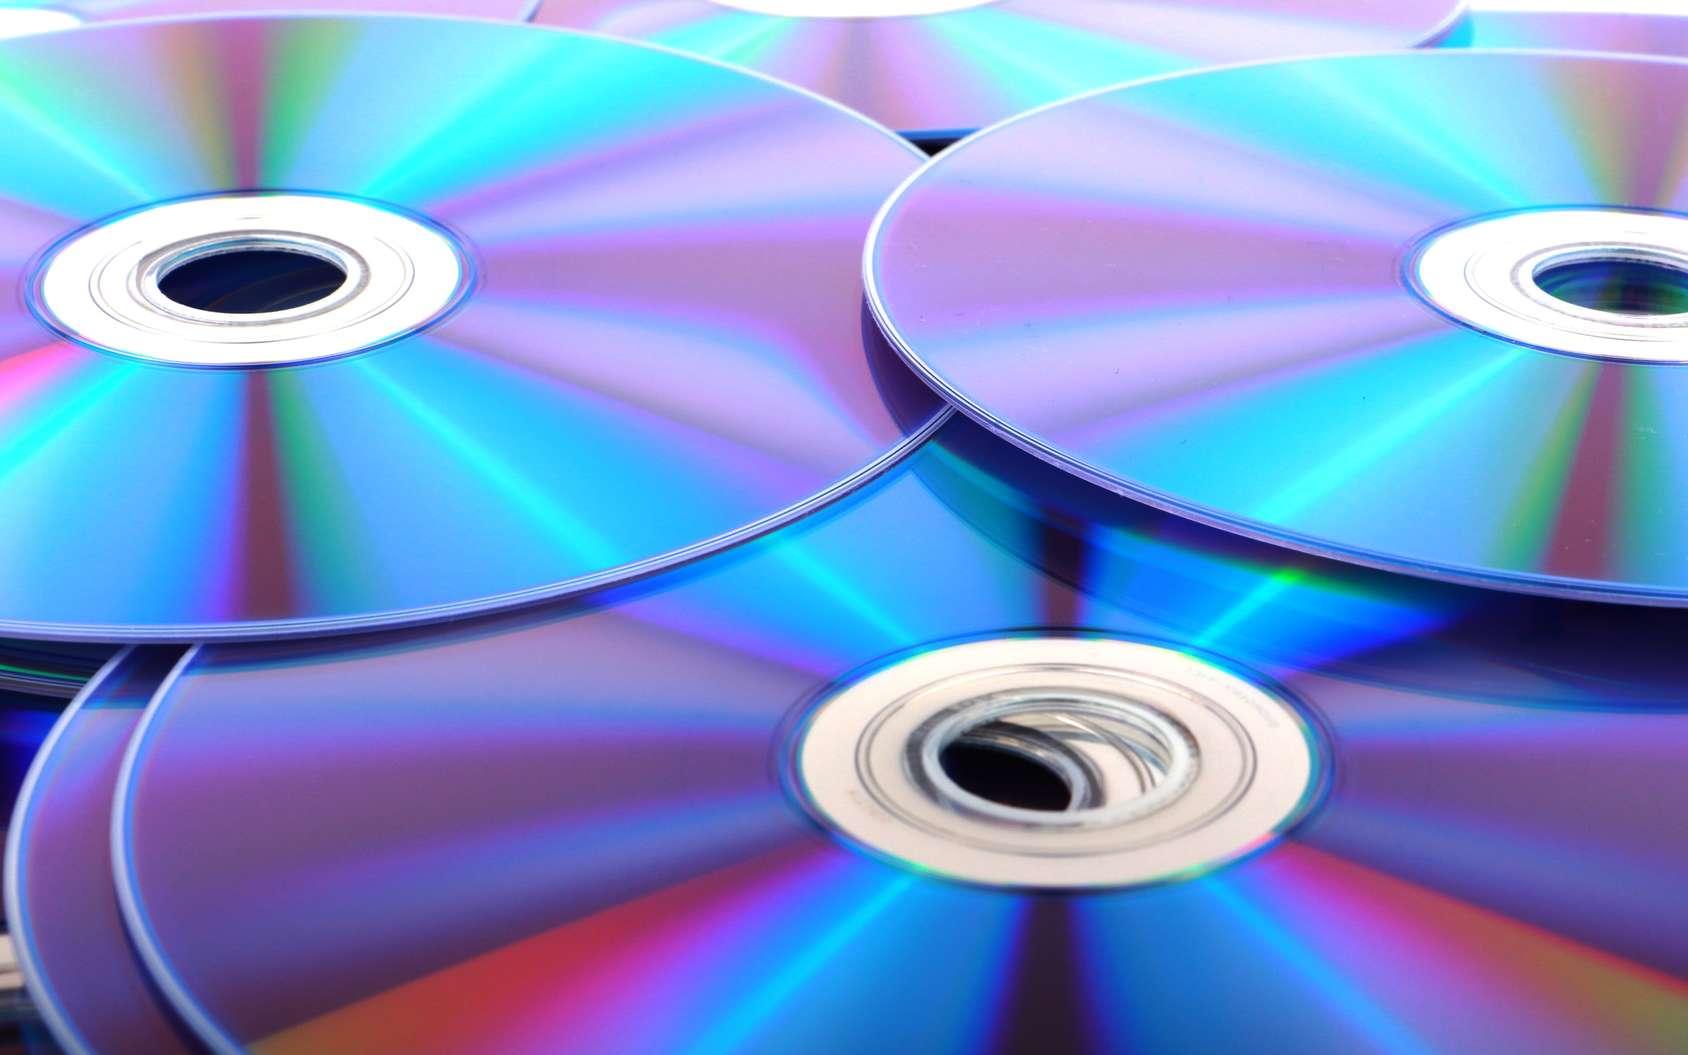 Voici comment extraire des fichiers audio d'un CD